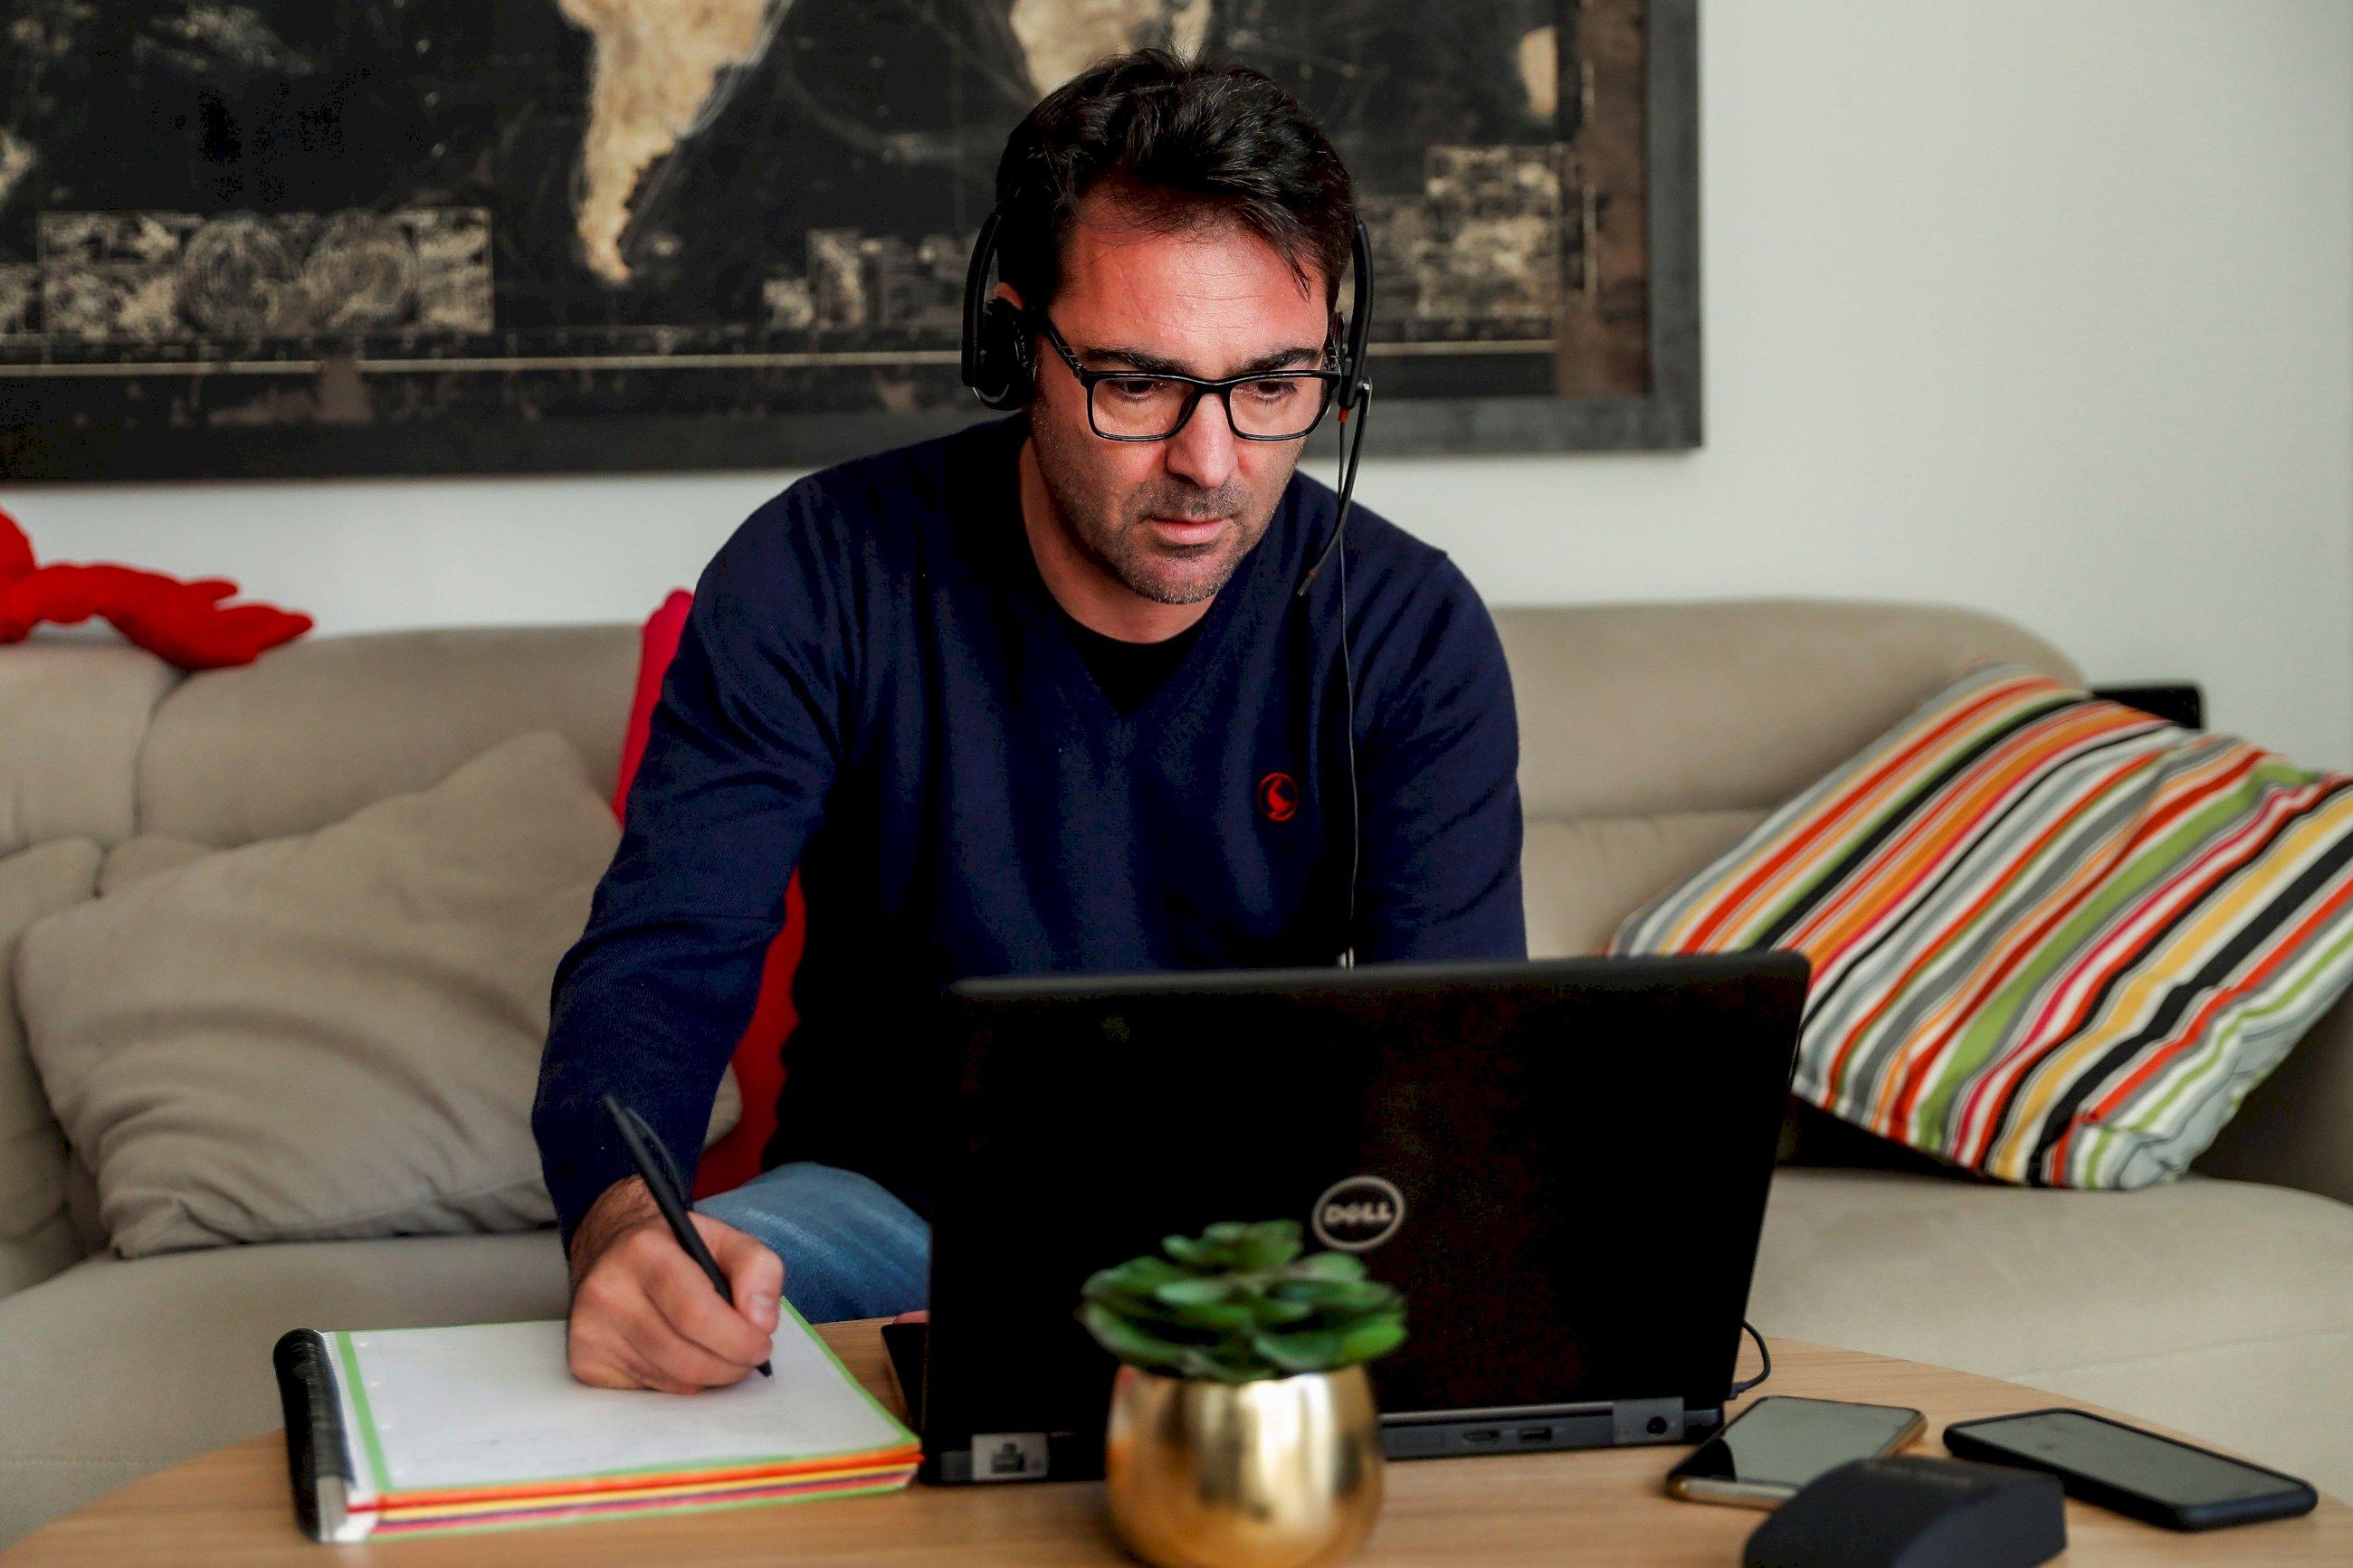 La próxima batalla laboral: las compensaciones por el teletrabajo